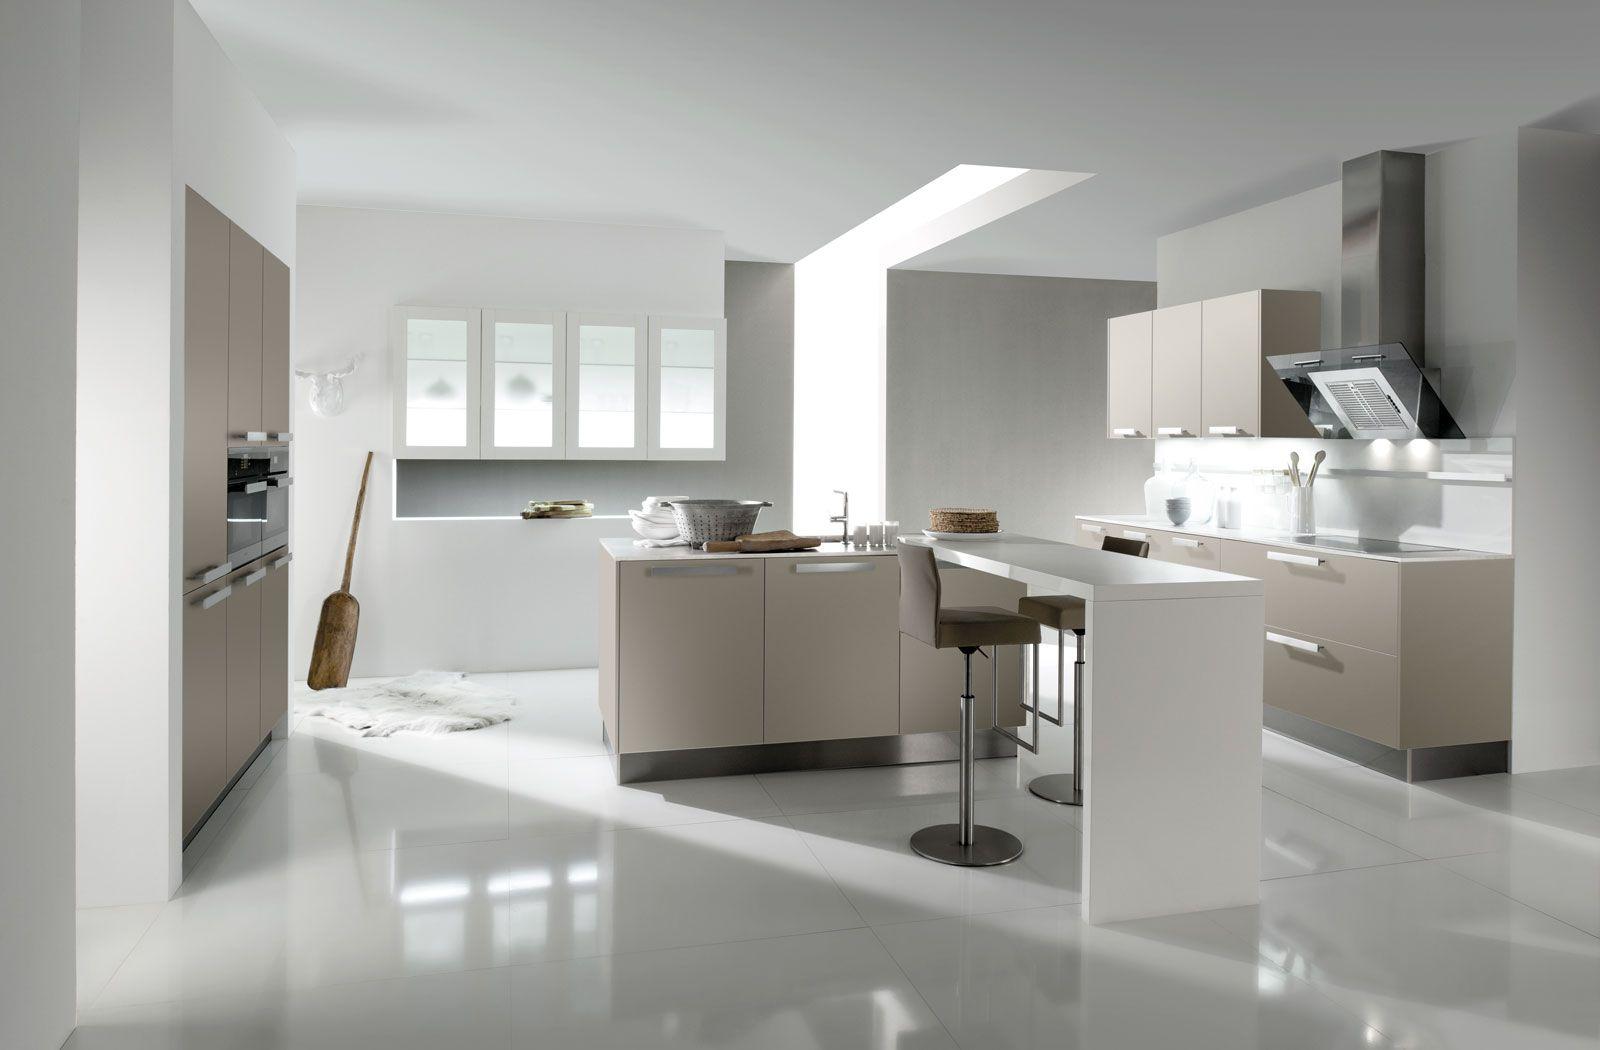 Architektur moderne küchen küche designs küche ideen kücheninseln trends 2016 sims design trends aluminium